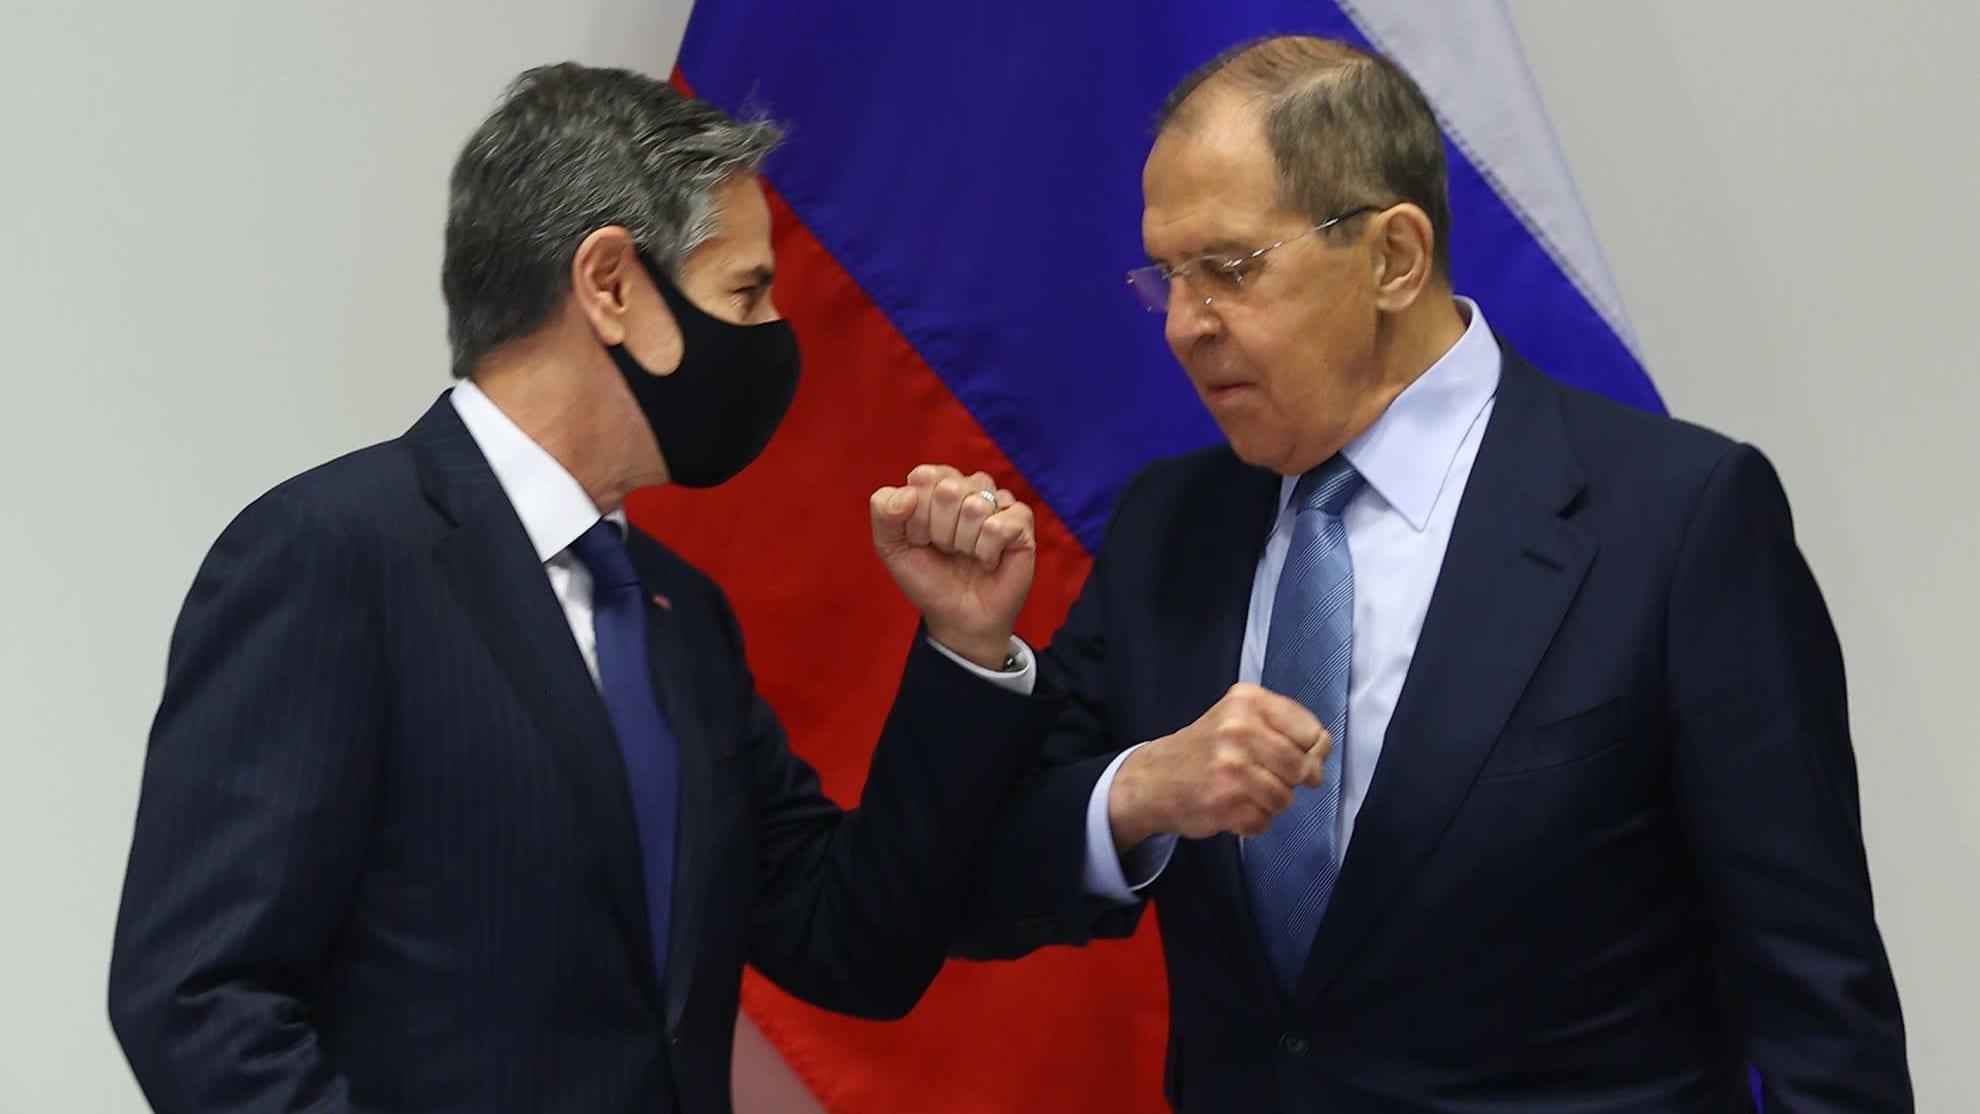 Yhdysvaltain ulkoministeri Antony Blinken ja Venäjän ulkoministeri Sergei Lavrov tapasivat ensi kertaa kasvotusten Reykjavikissa.